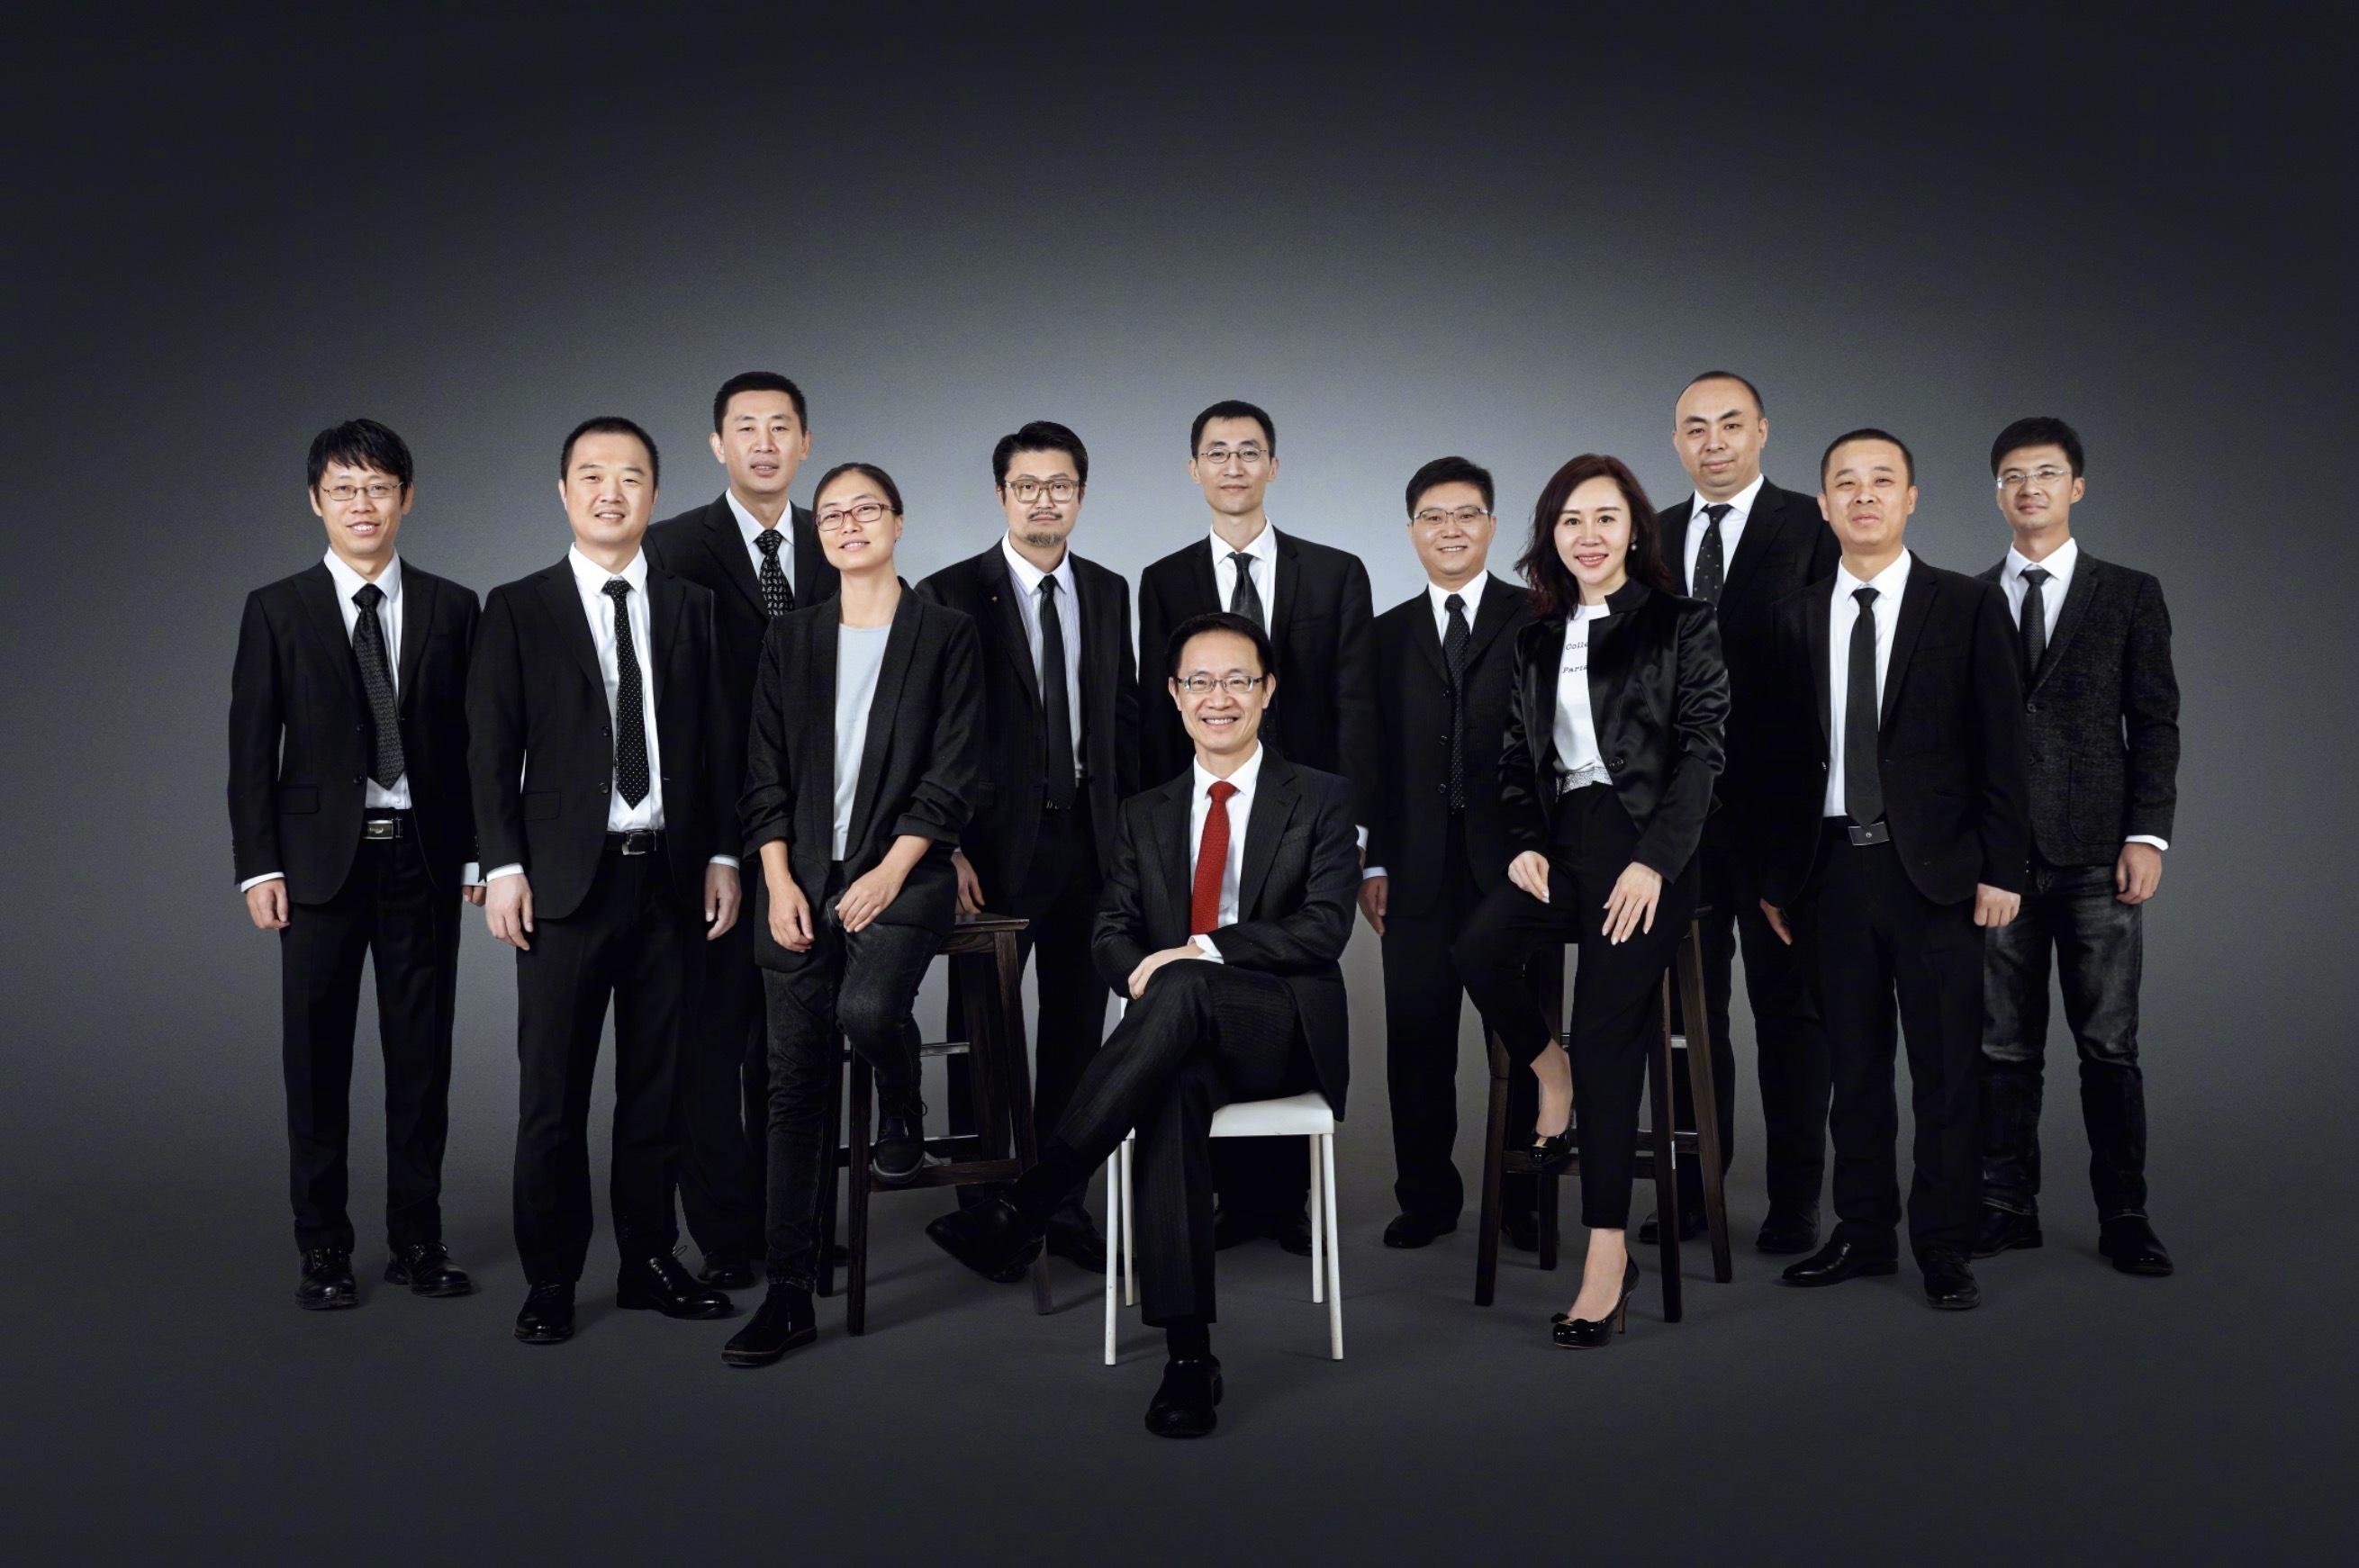 林斌晒小米手机部十二名高管全家福:常程在列的照片